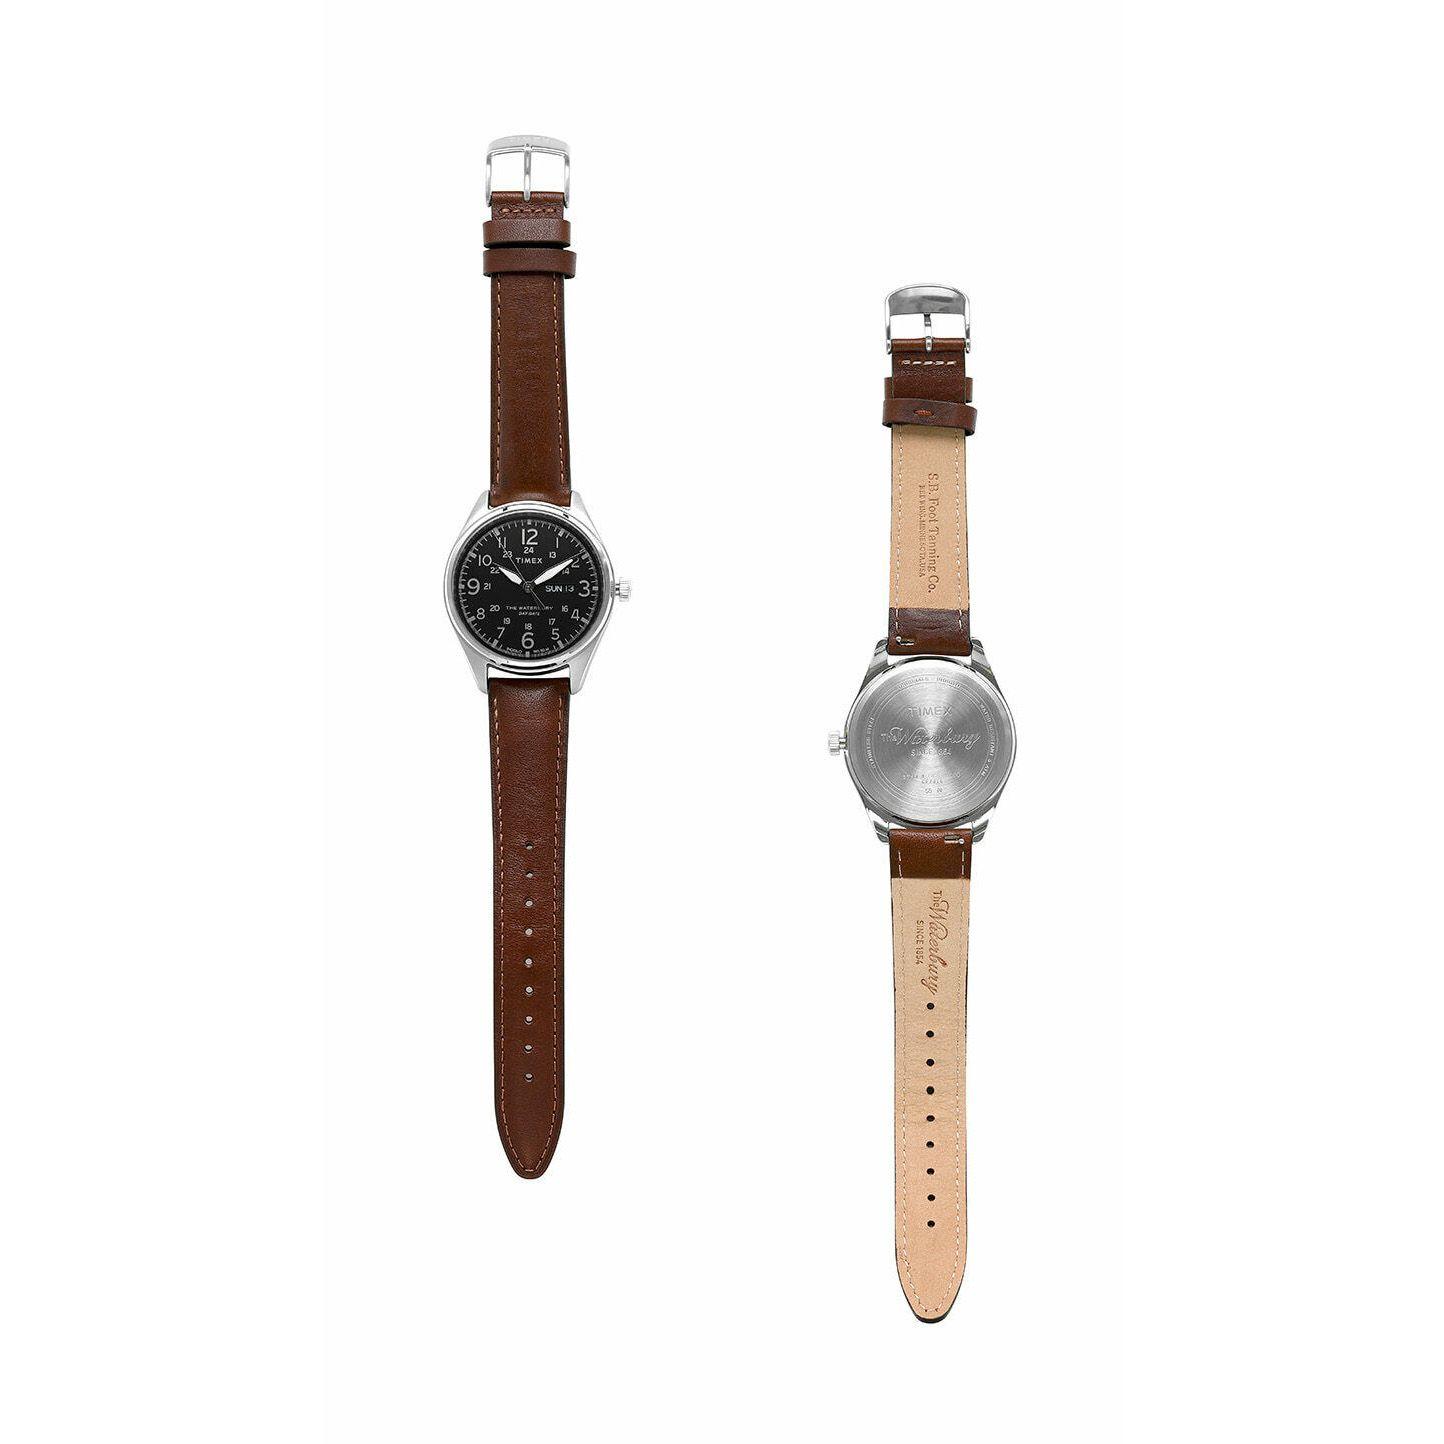 ساعت مچی عقربه ای مردانه تایمکس مدل TW2R89000 -  - 12